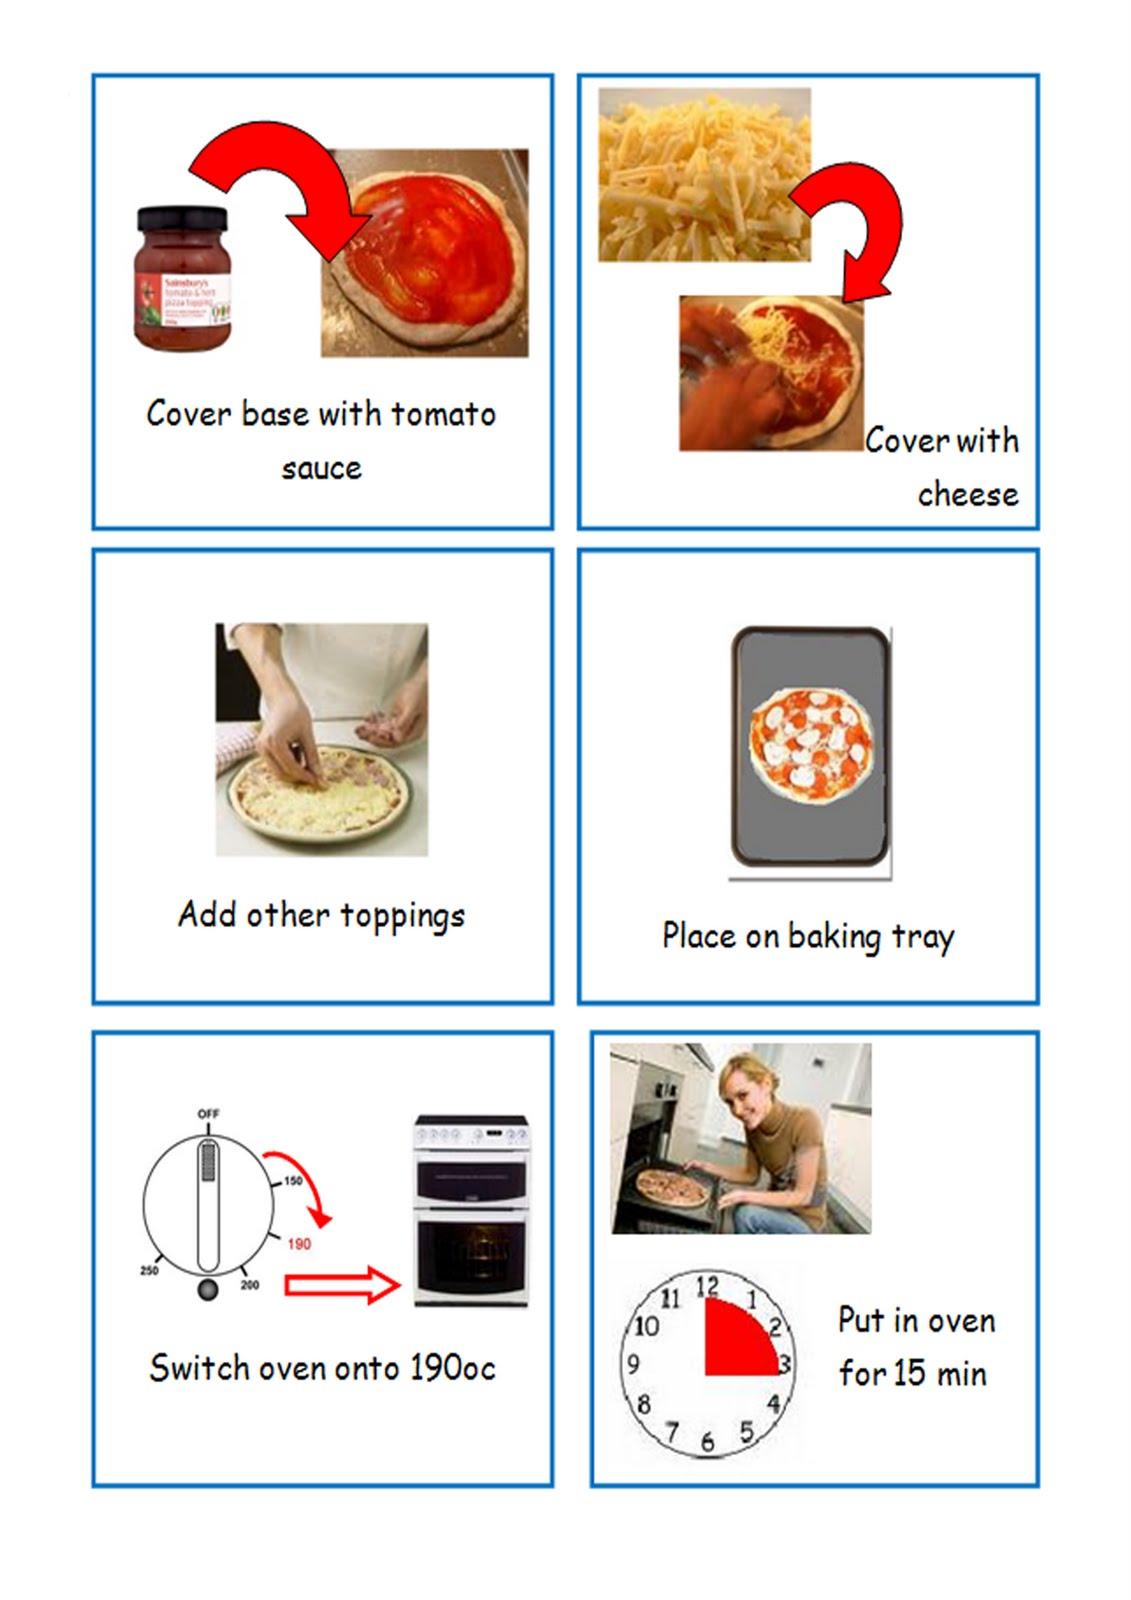 Angol Feladatok Mondokak Szinez K Keszitsunk Pizzat